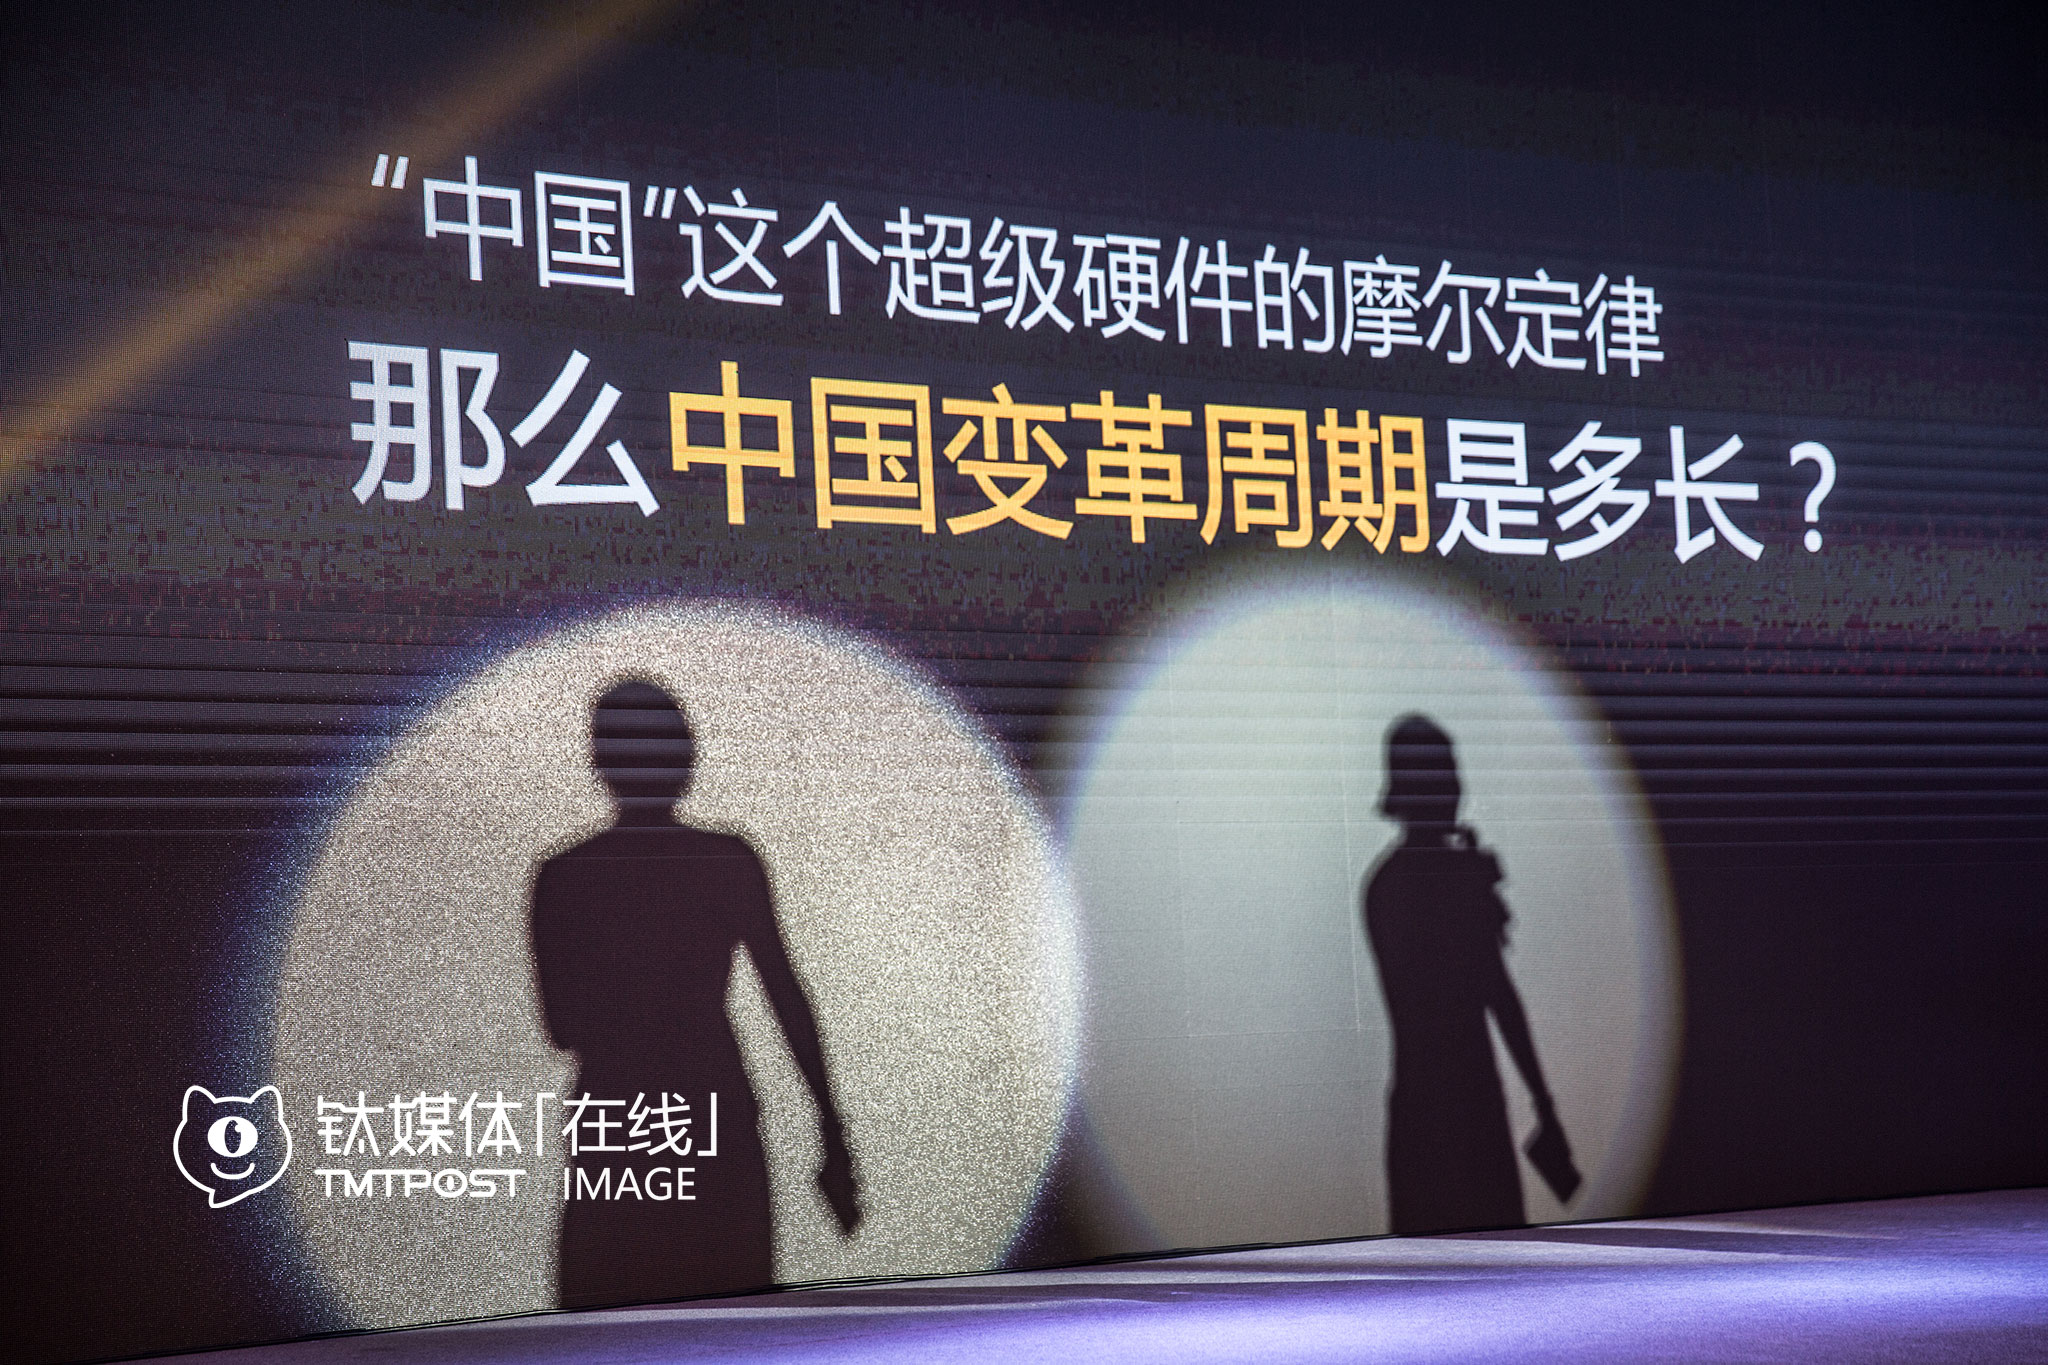 【1】 2016年6月15日,一家公司的产品升级发布会,追光灯下,演讲者的影子投射到LED屏上。